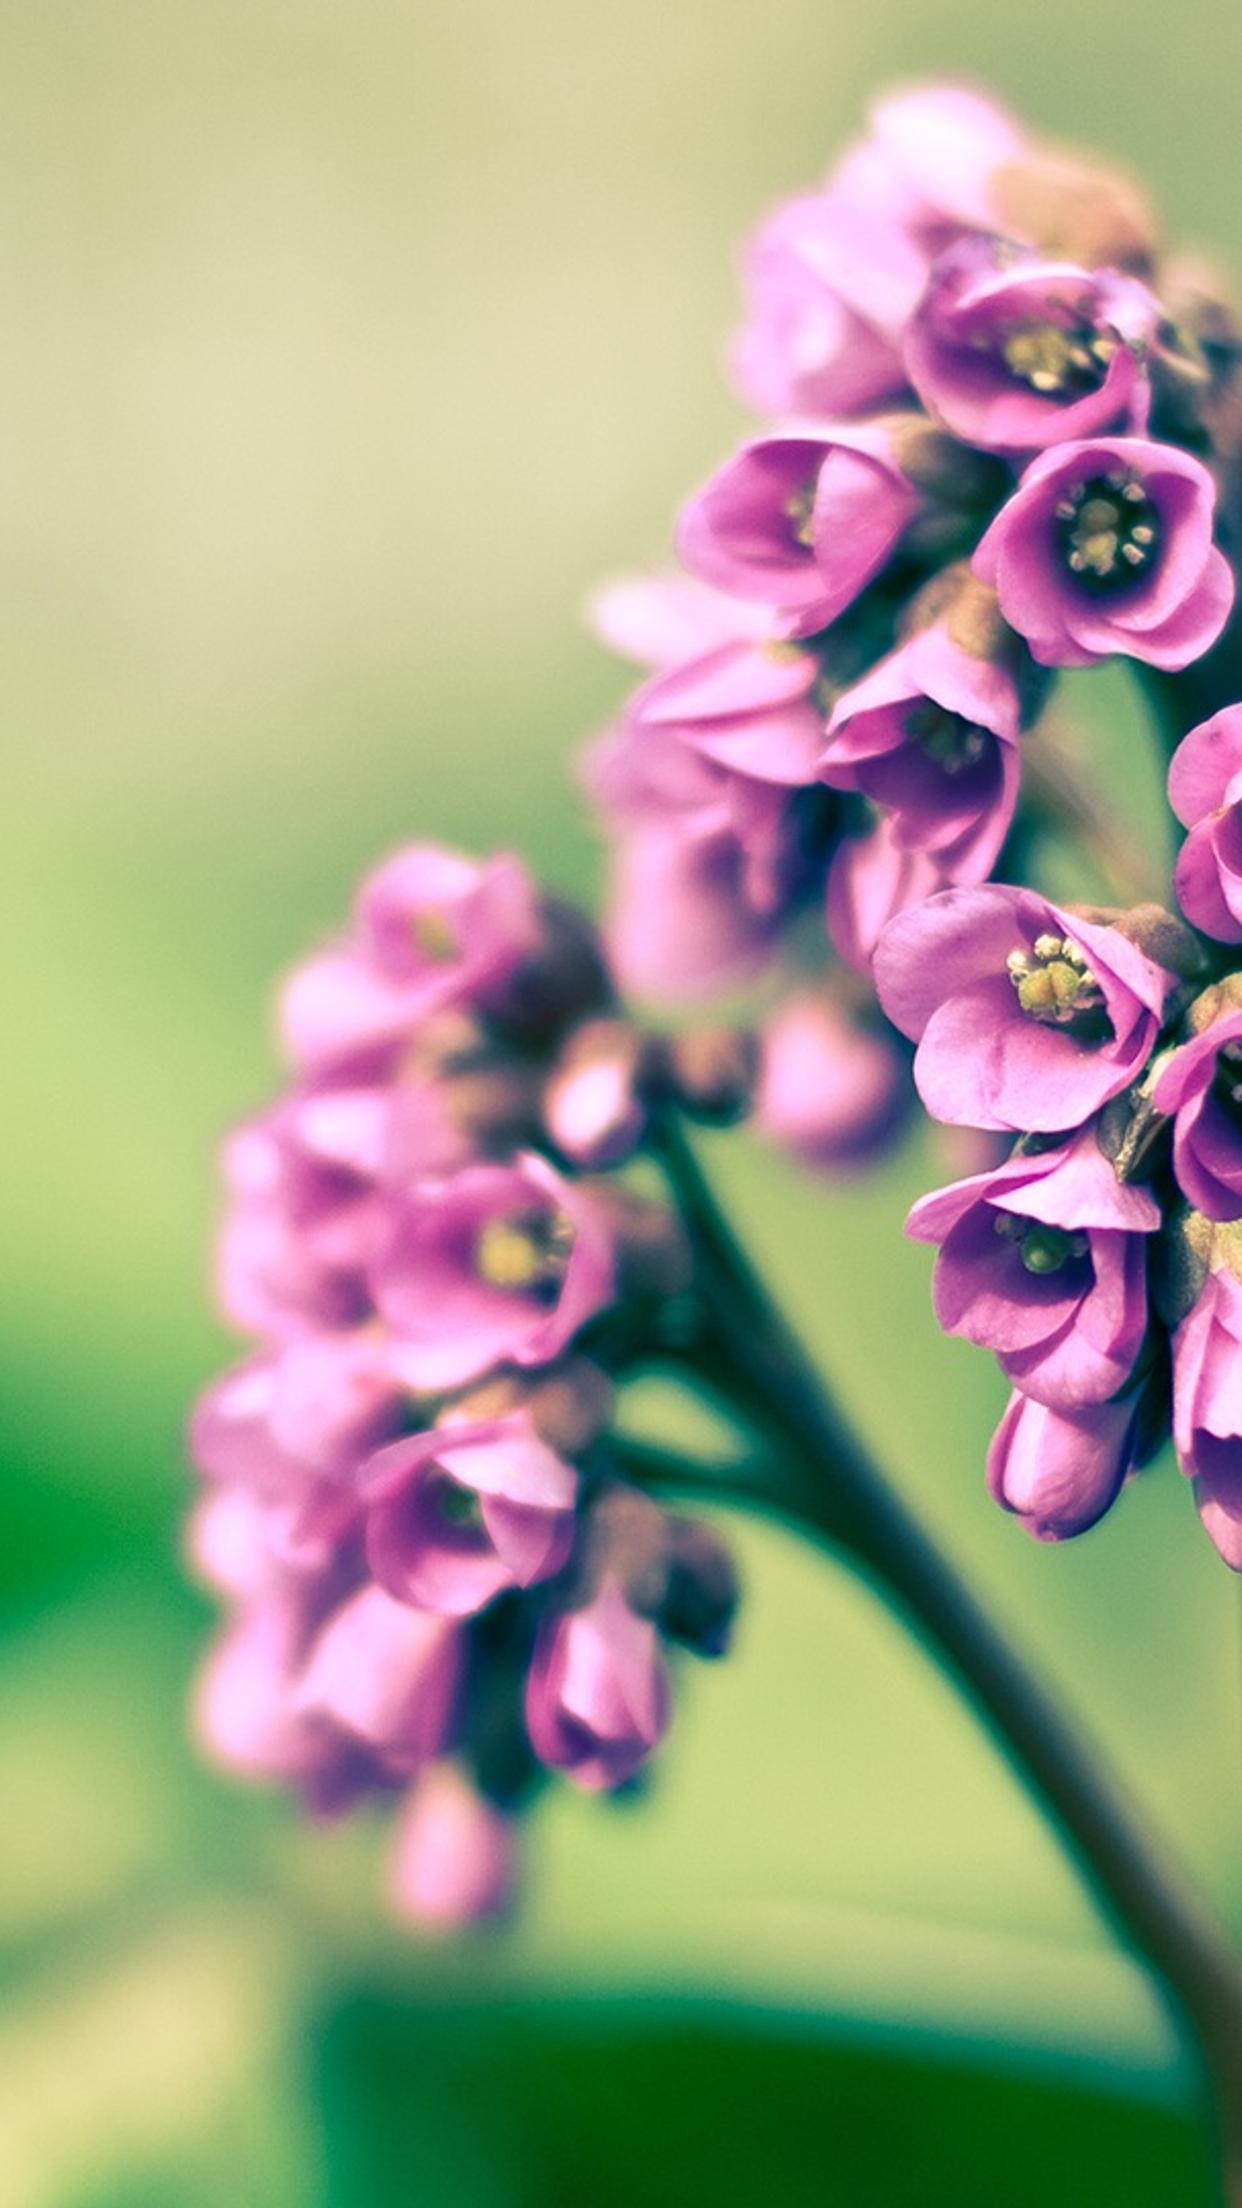 Фото цветов hd на айфон